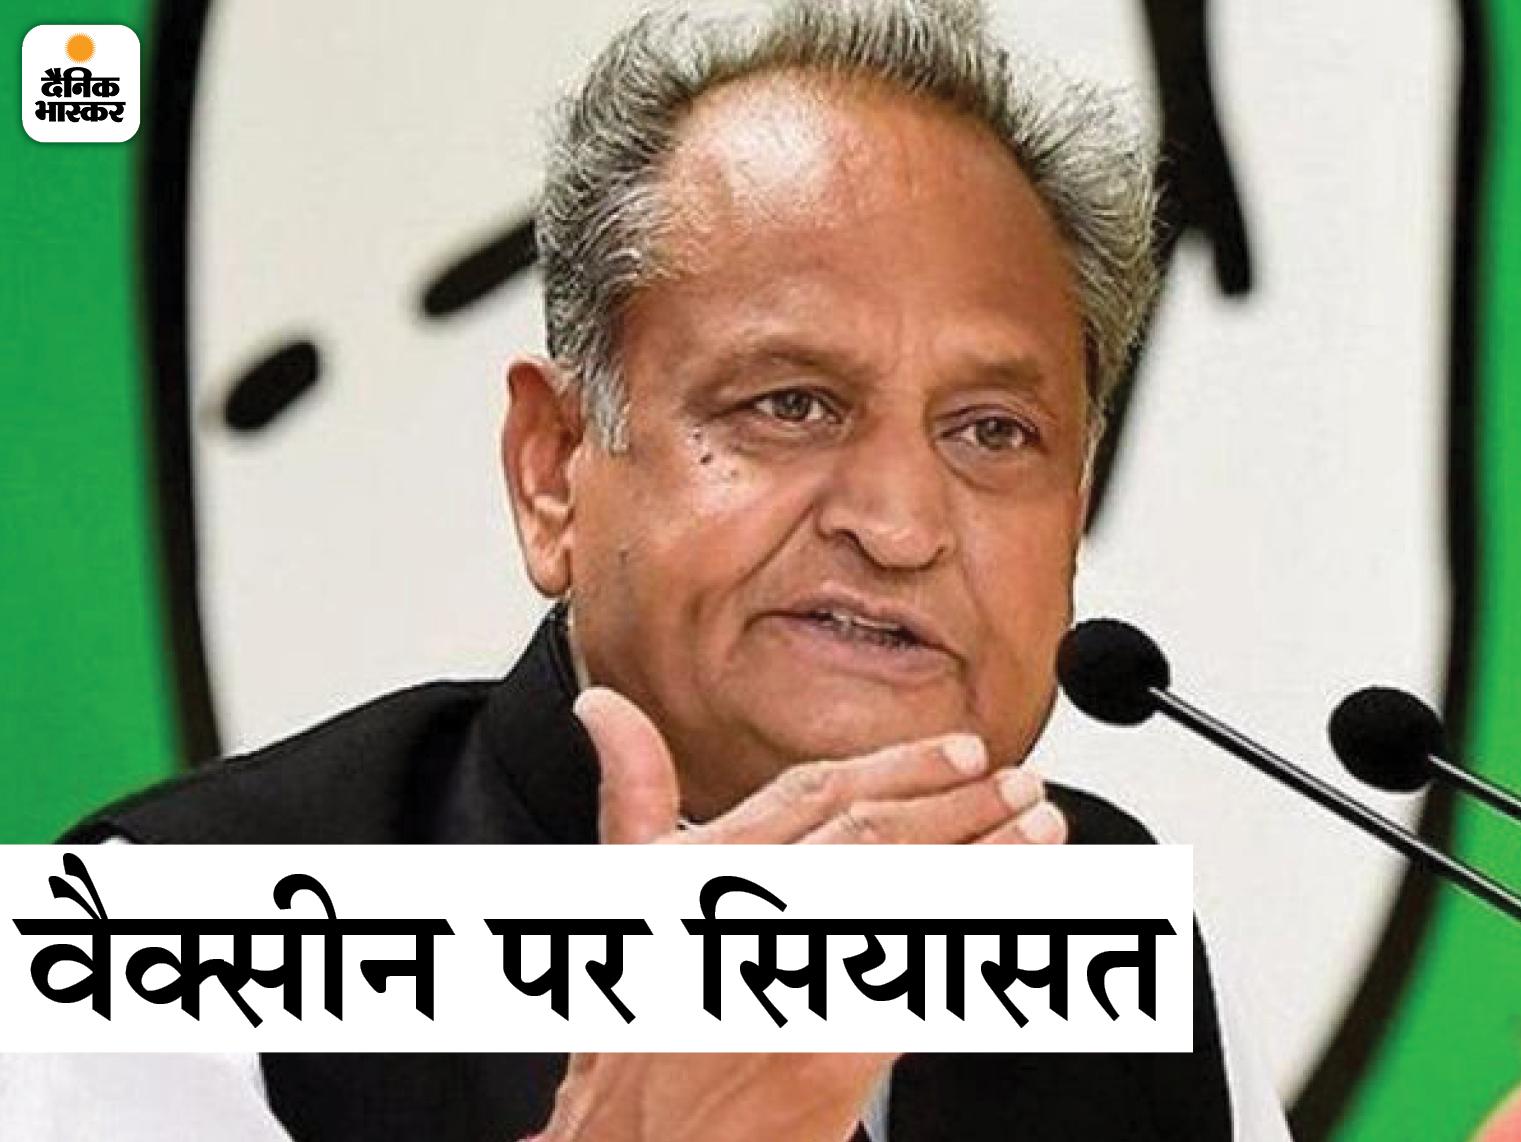 गहलोत बोले-गलत बयानबाजी न करें डॉ. हर्षवर्धन, जब देश में ऑक्सीजन की कमी थी तो कह रहे थे पर्याप्त ऑक्सीजन है, अब कह रहे हैं वैक्सीन पर्याप्त है|जयपुर,Jaipur - Dainik Bhaskar